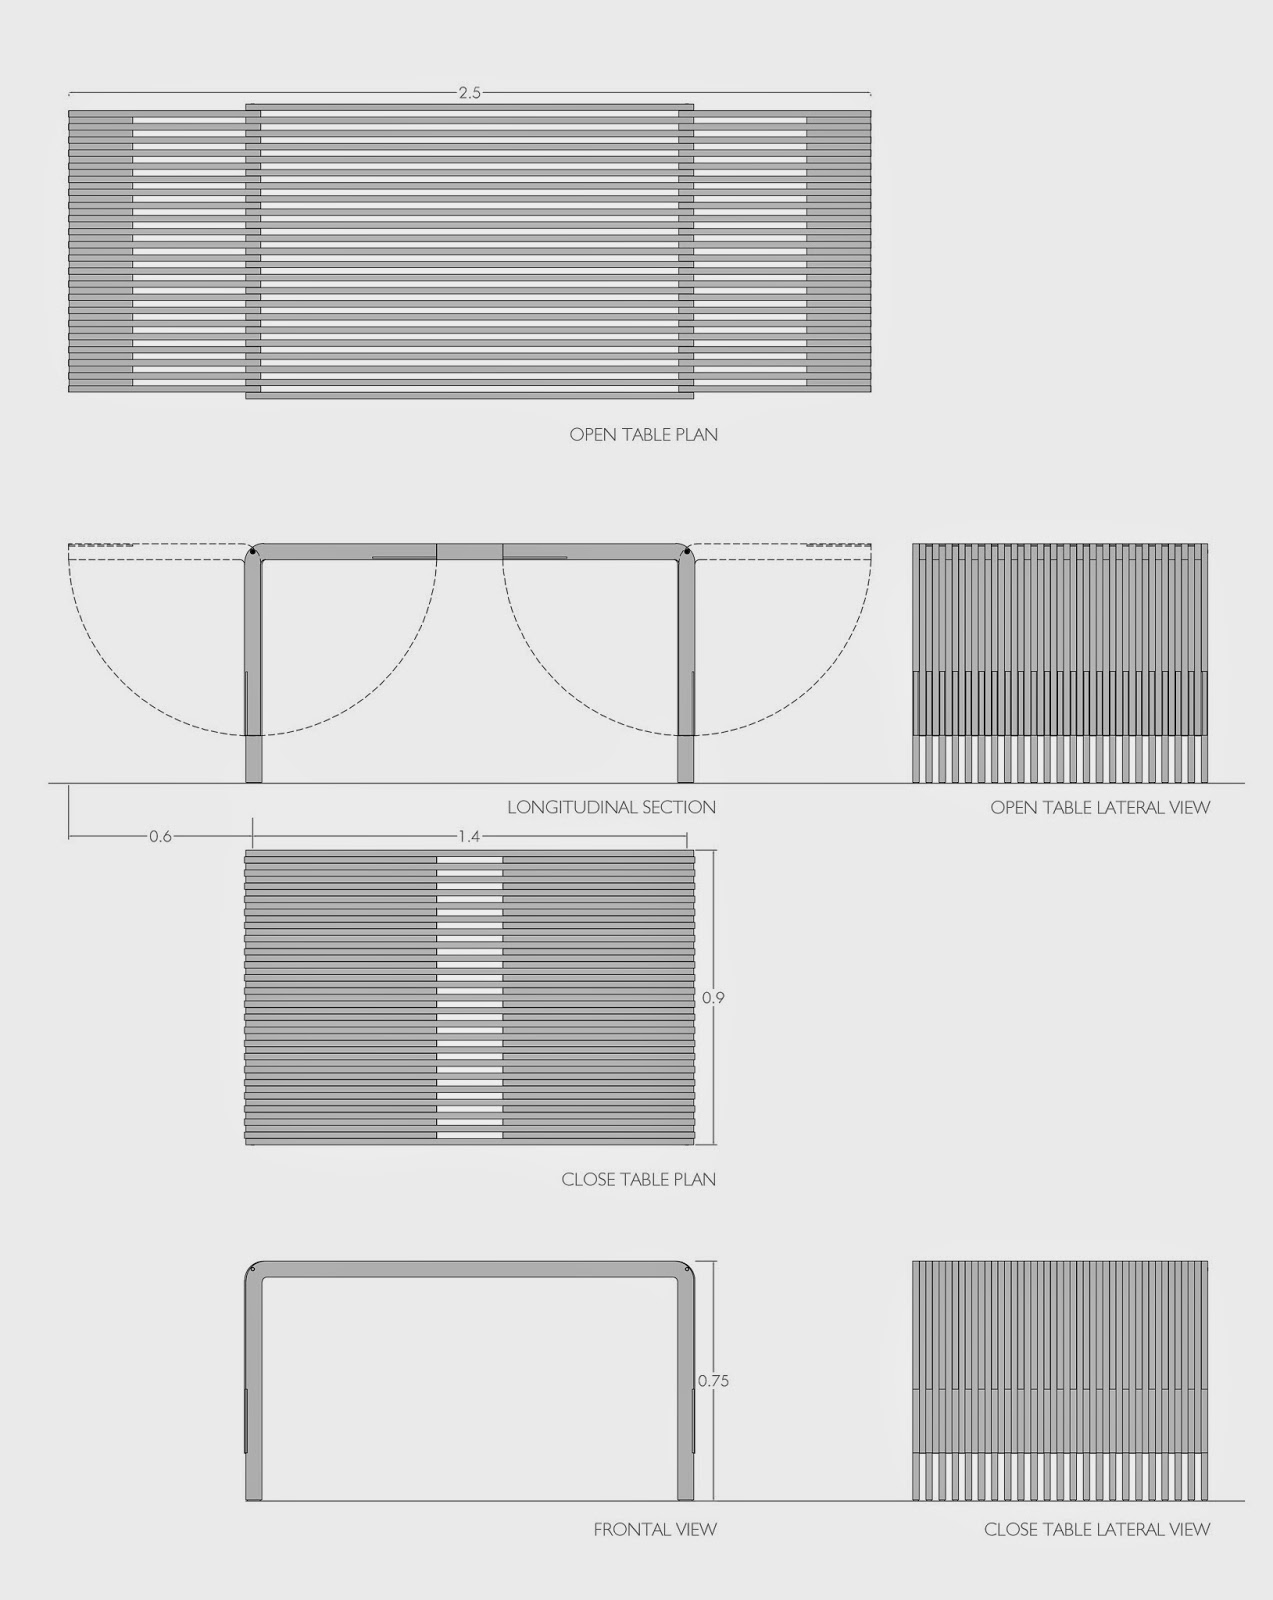 andres gonzalez gil diseño mesa extensible extendable table design